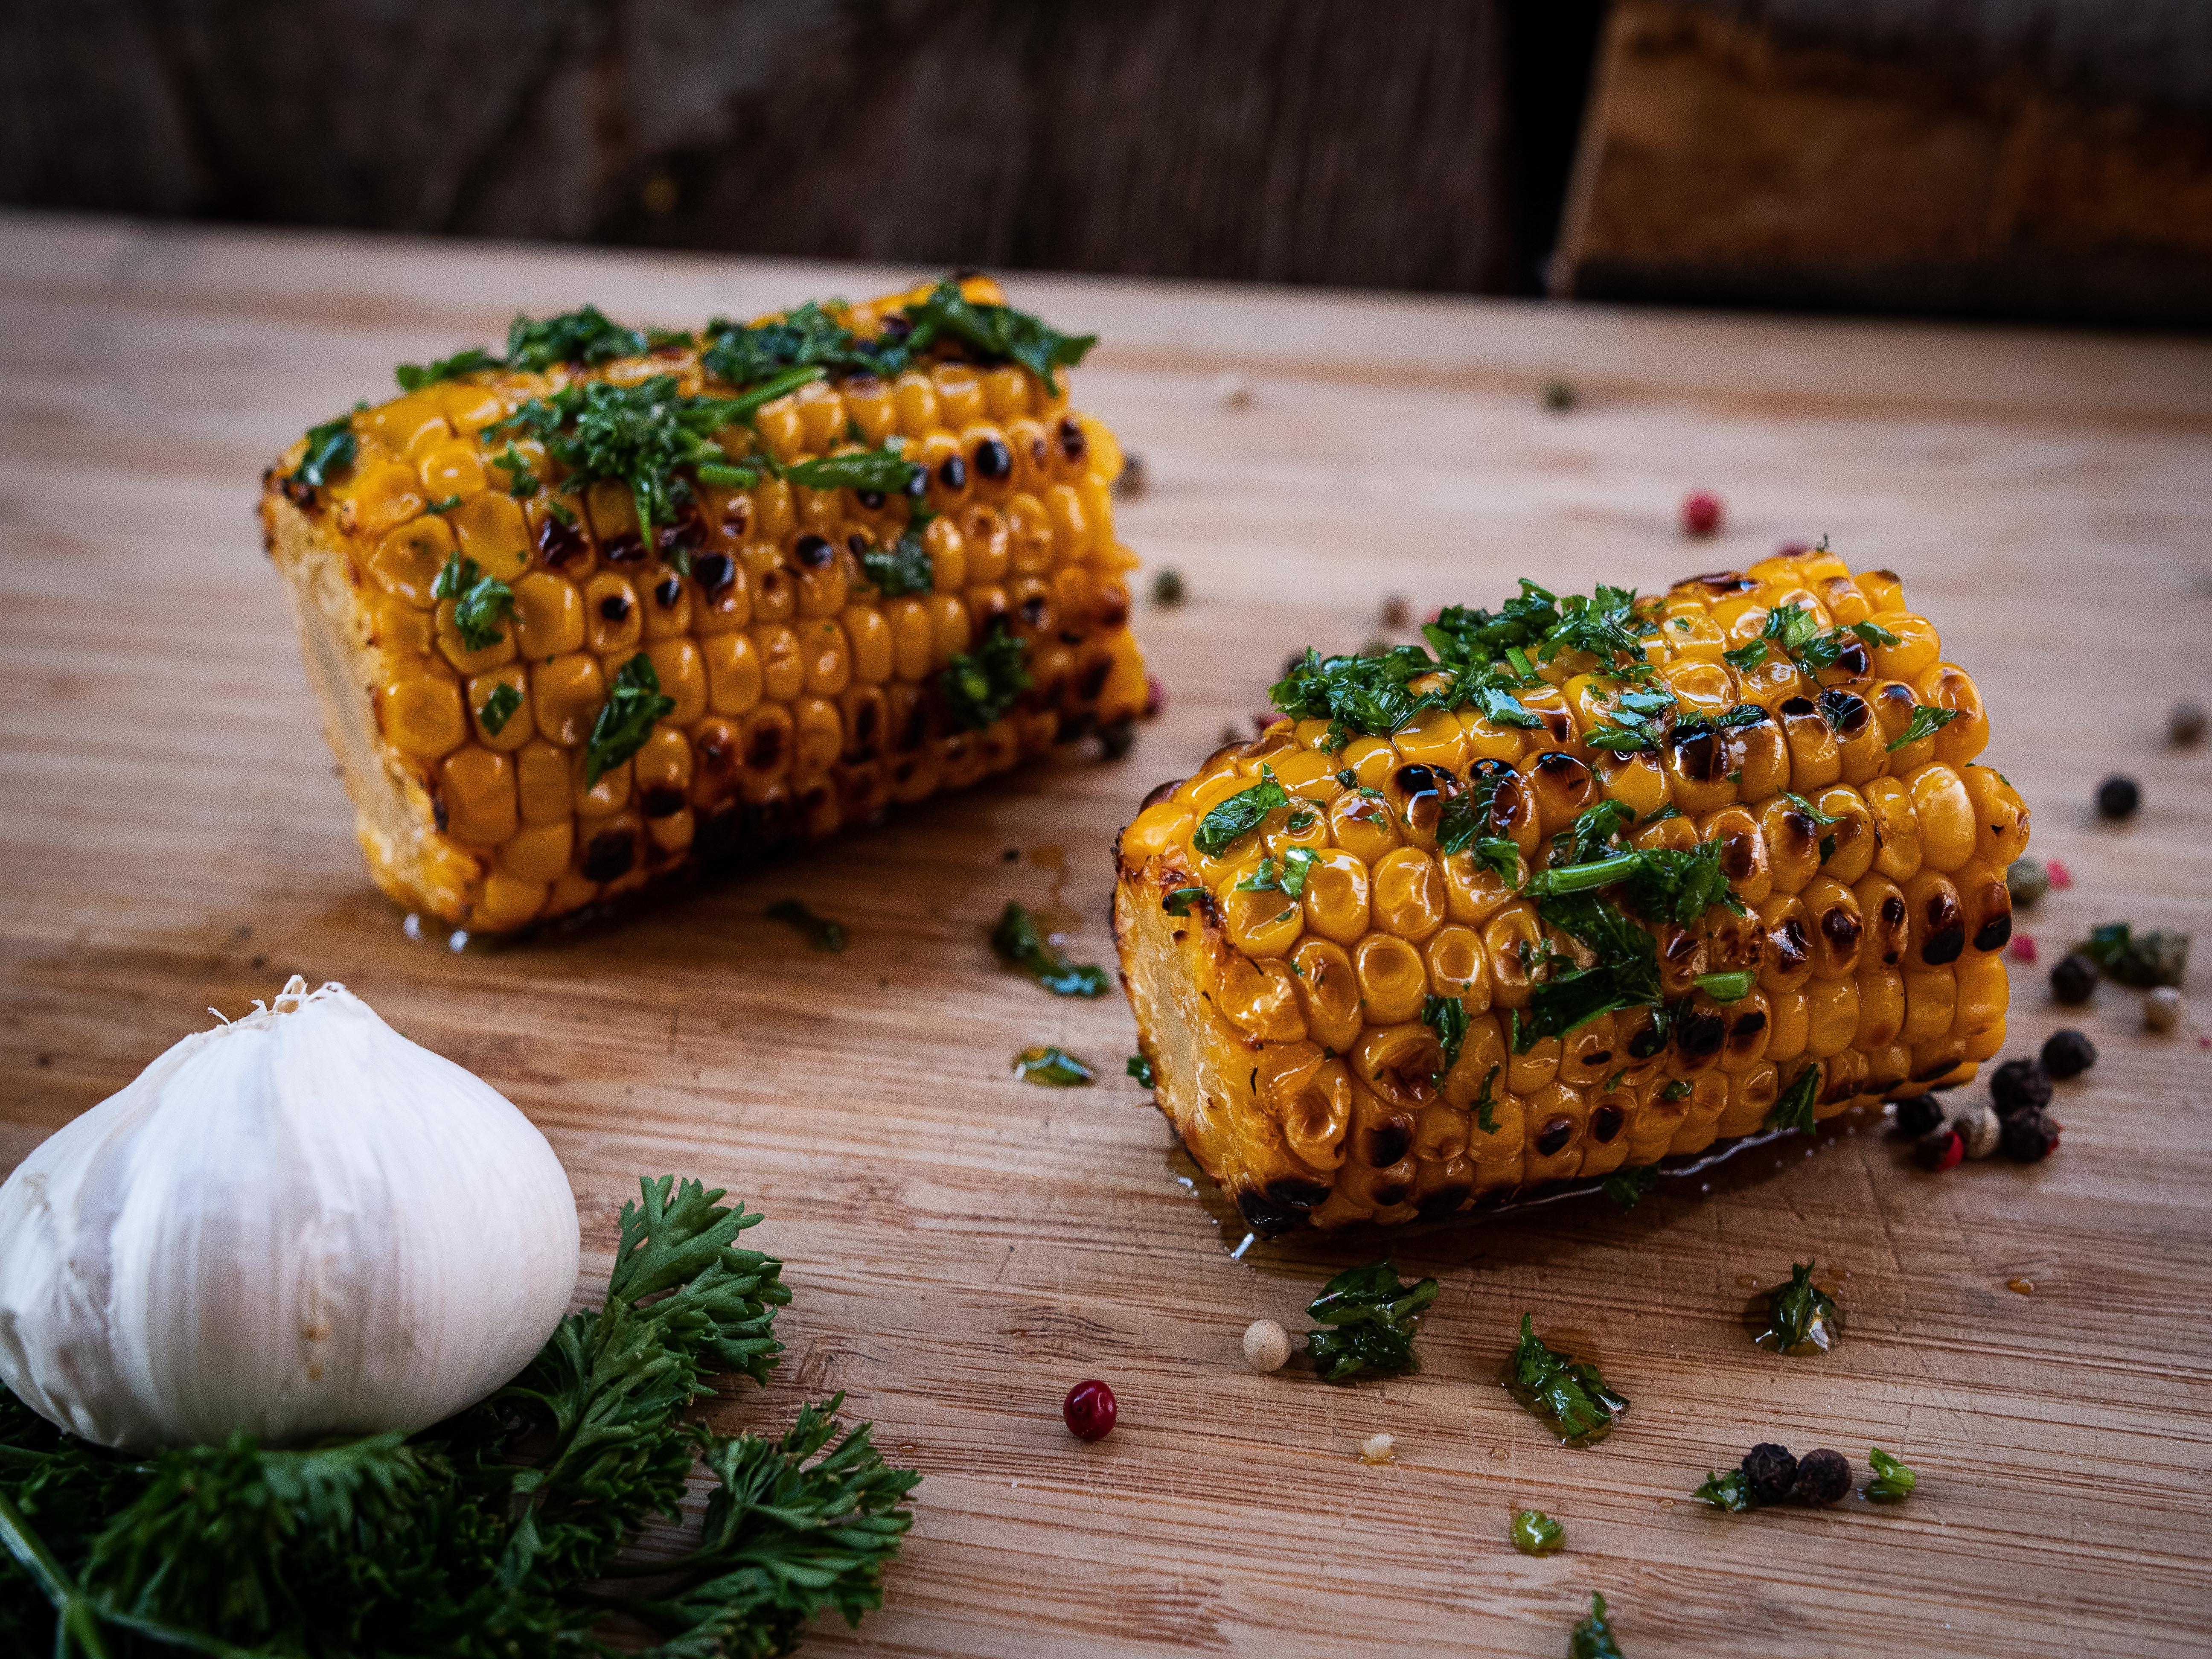 Maiskolben grillen mit Kräuterbutter